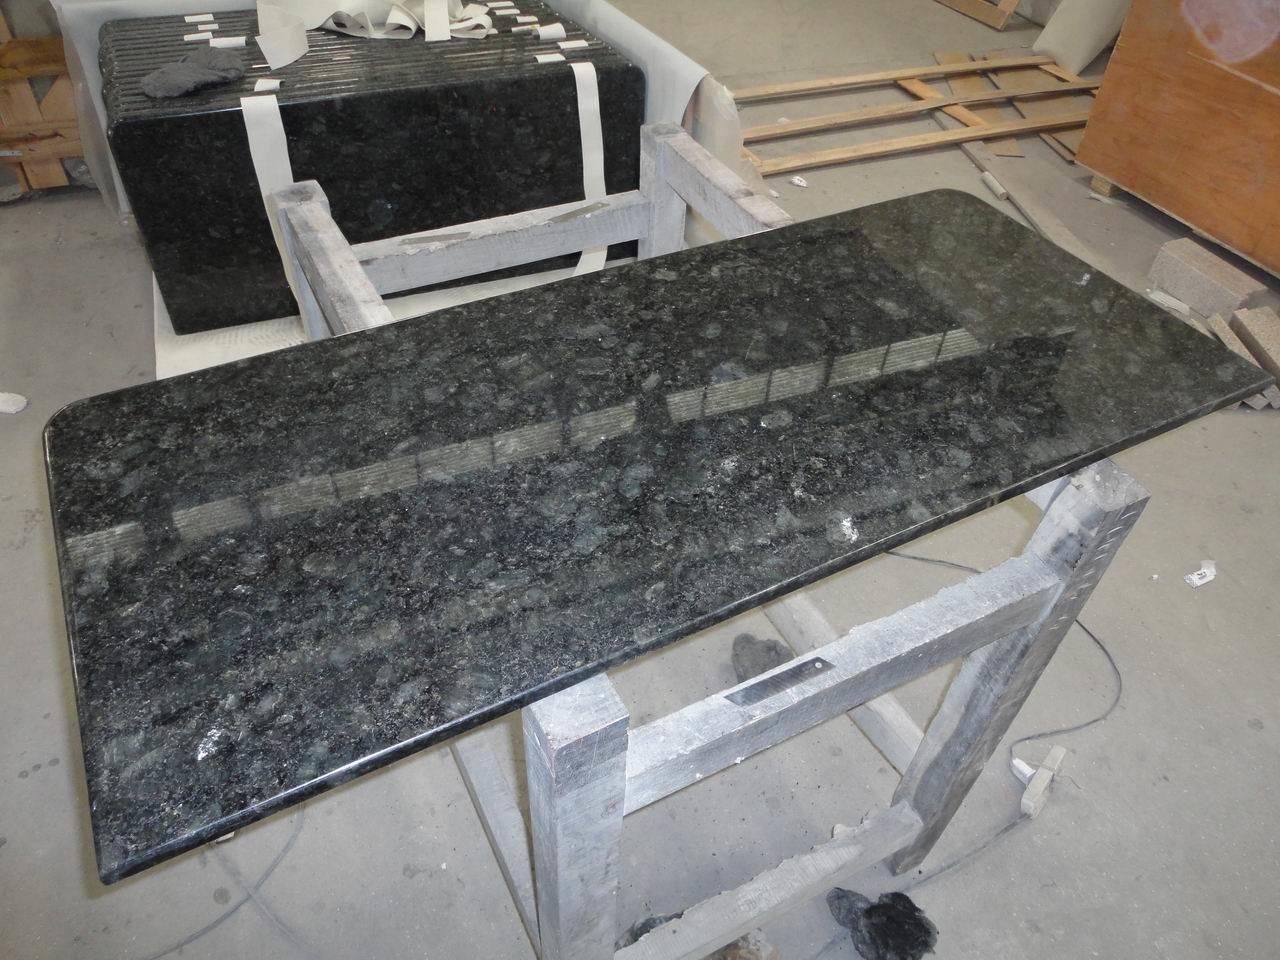 Foto de Bancada azul da cozinha do granito em pt.Made in China.com #7B5D43 1280x960